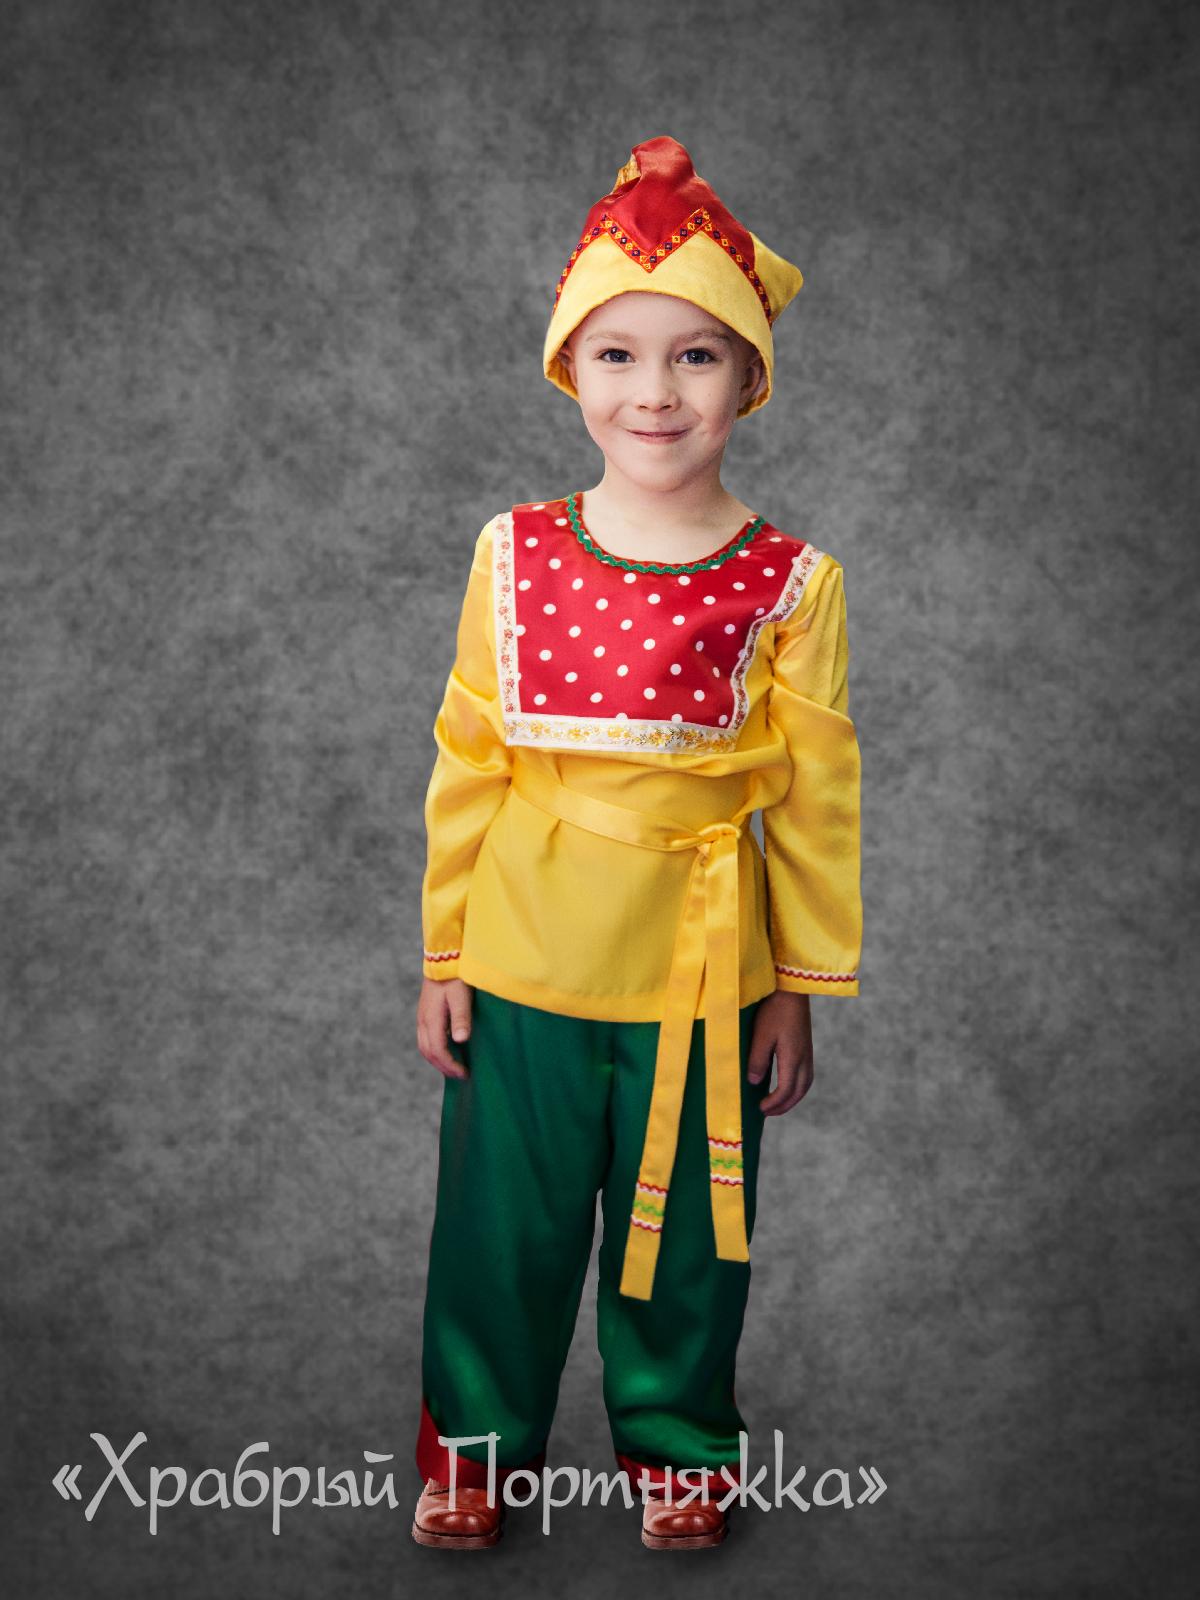 Прокат карнавальных костюмов Одетый праздник